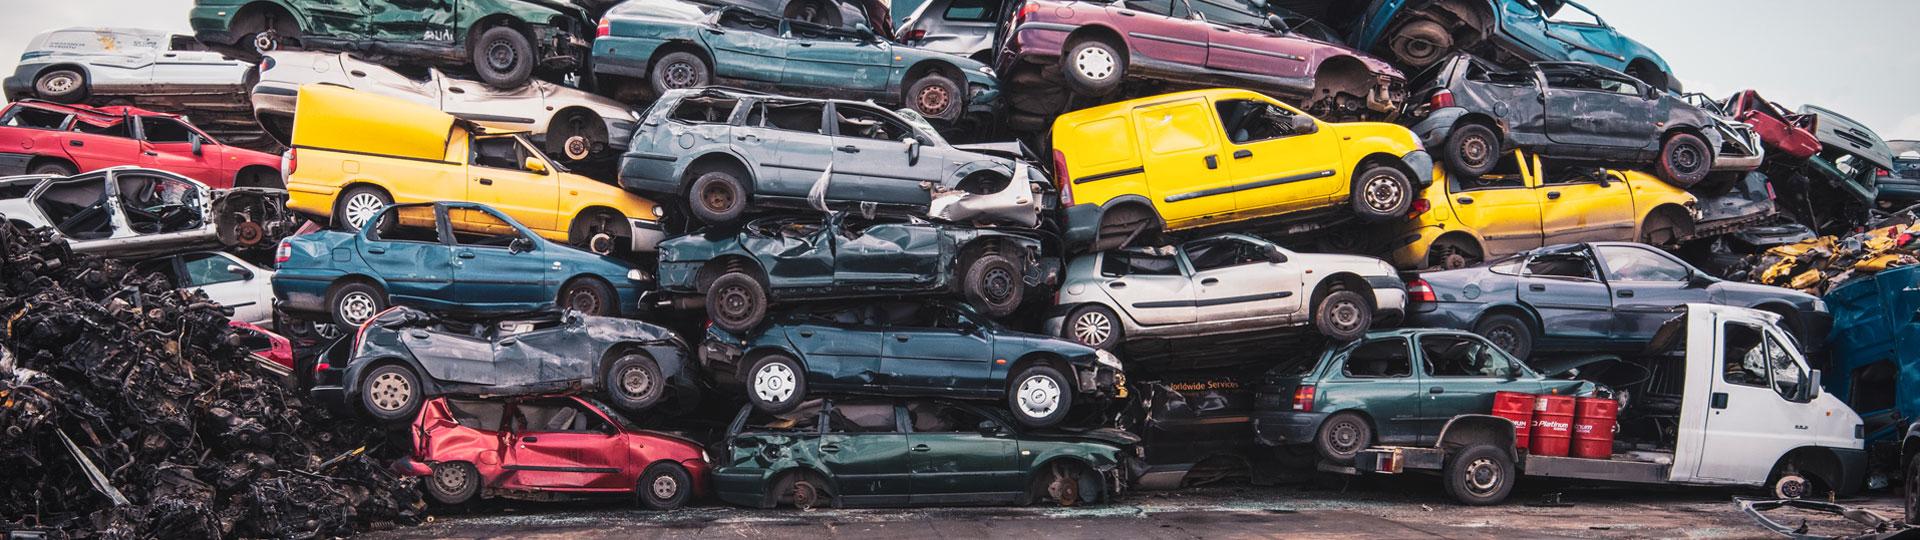 Kasacja pojazdów w okolicach Czarnkowa